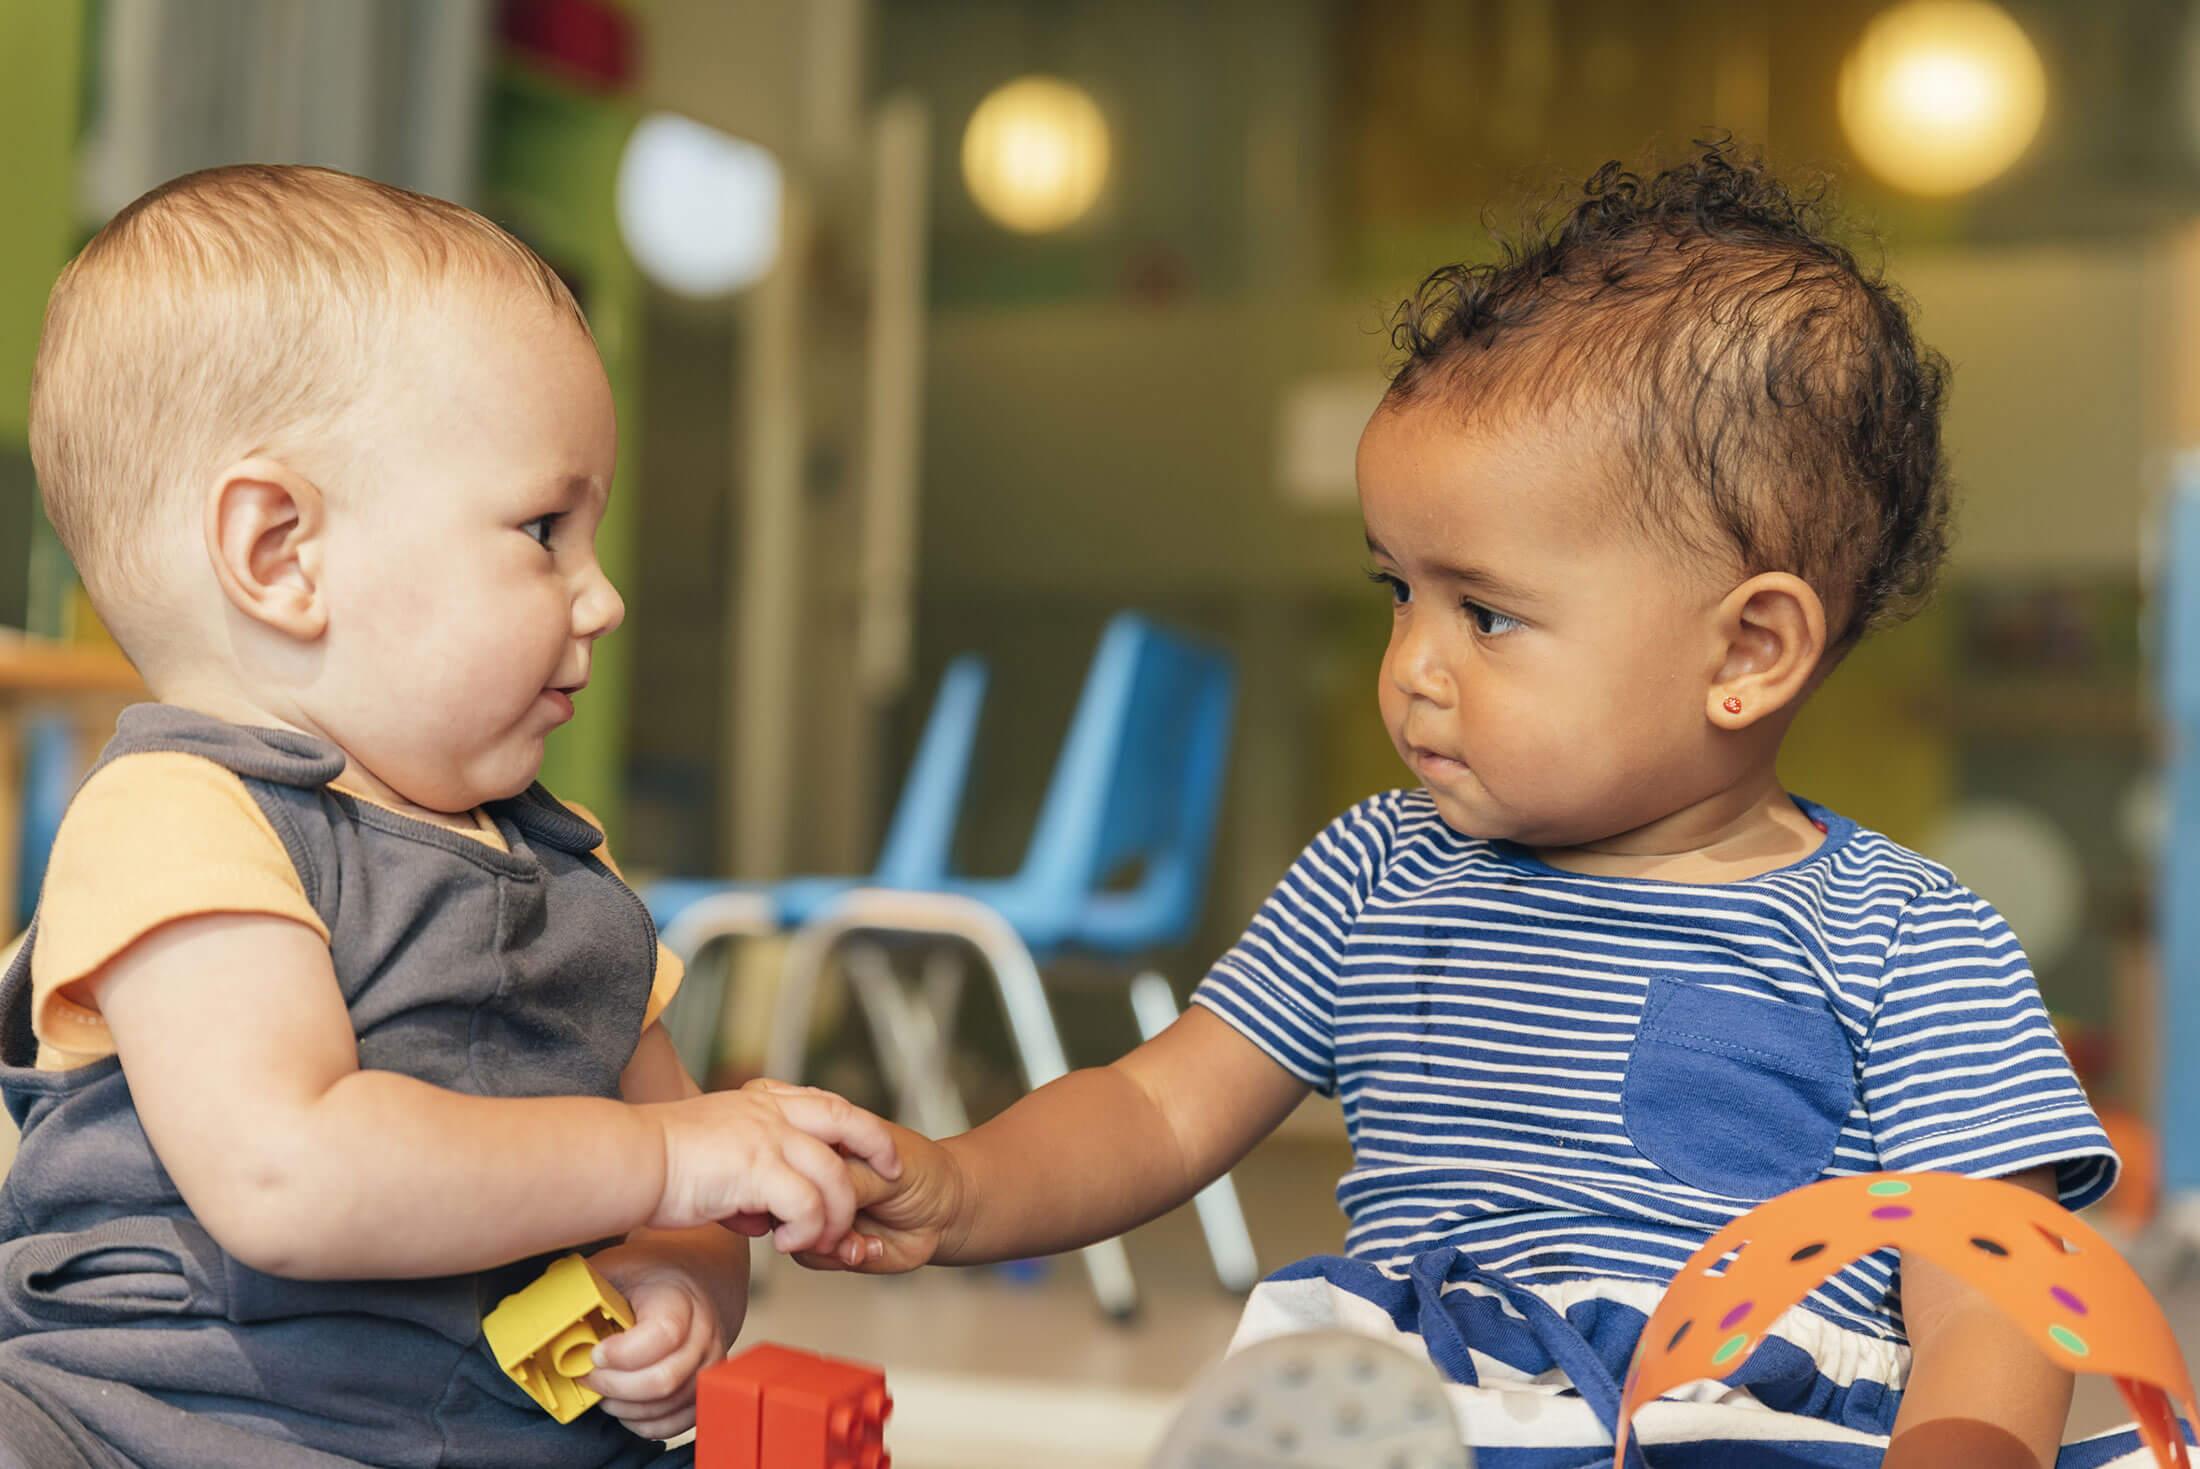 Advizi - La photo représente deux bébés qui se serrent la main. Un des bébés est de type européen et l'autre de type africain. Ils se regardent dans les yeux.